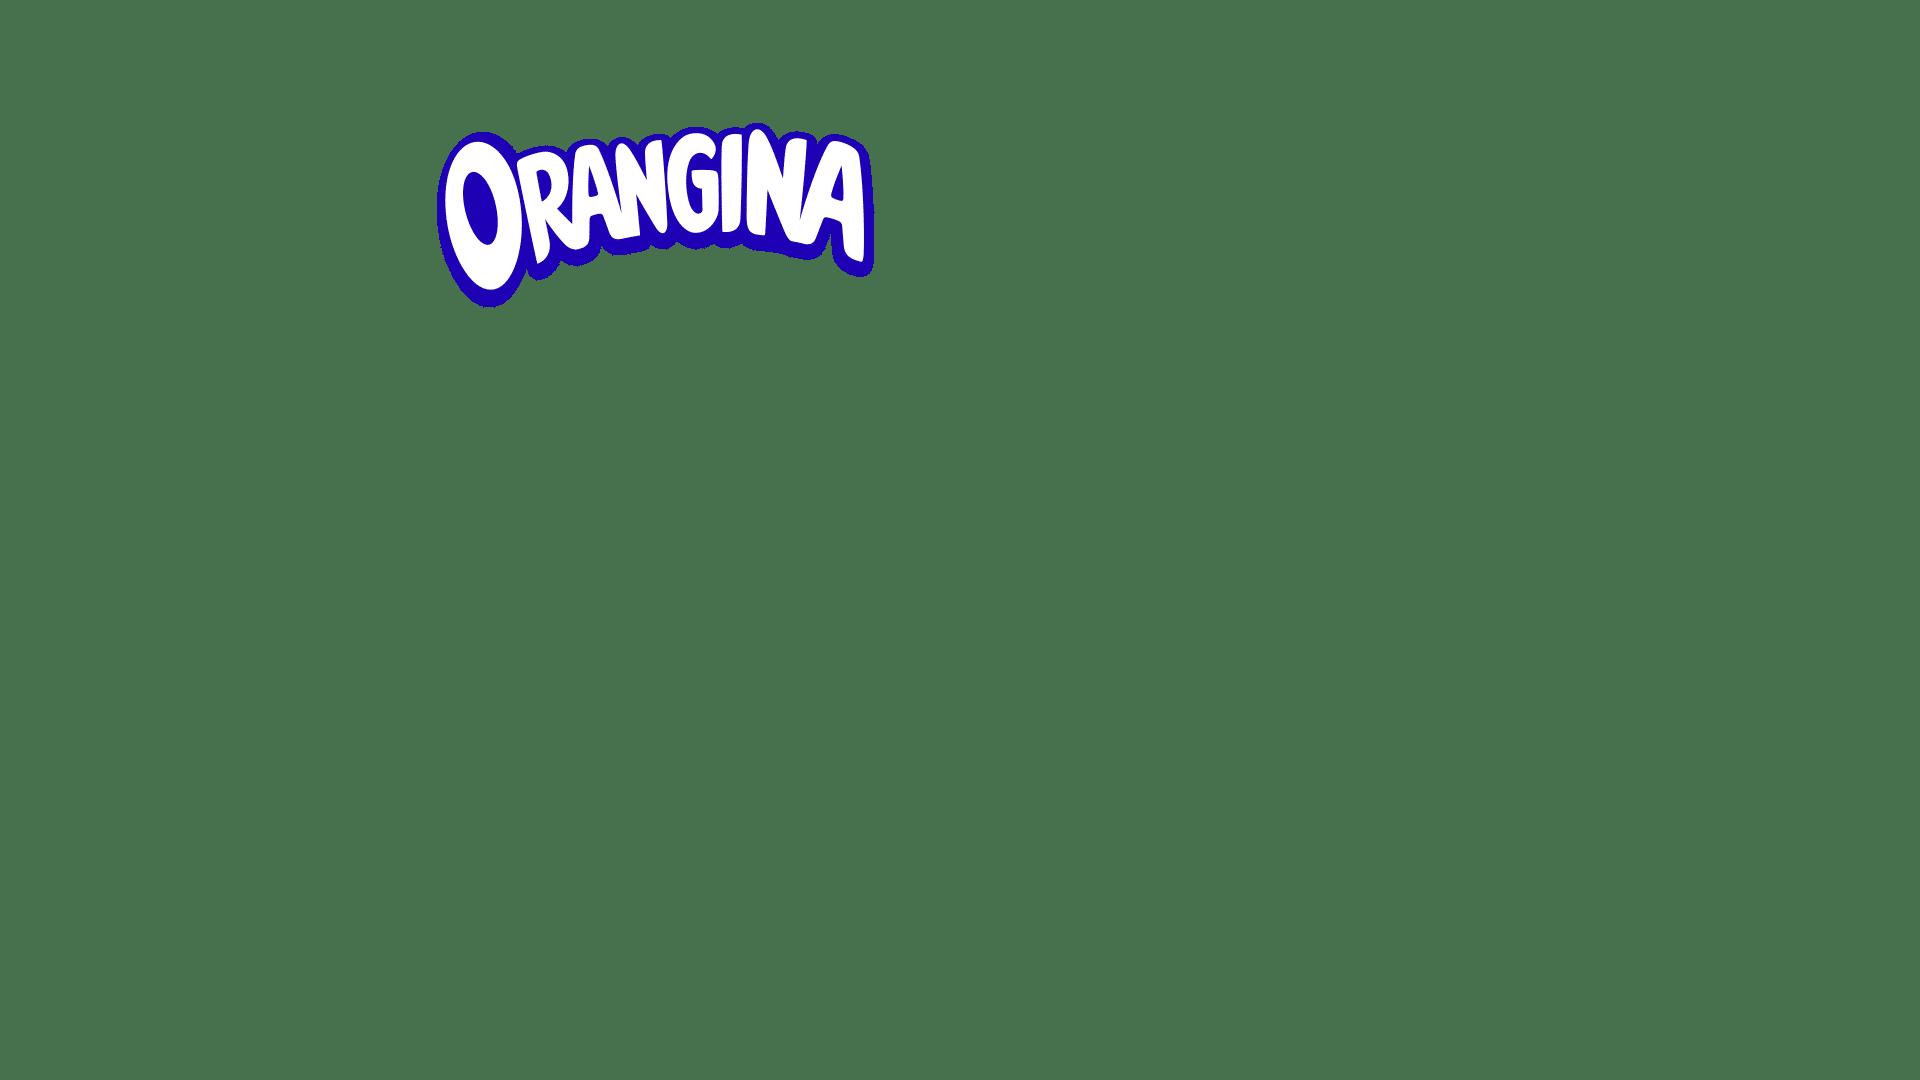 Les stations orangina sont brandées par nos équipes.